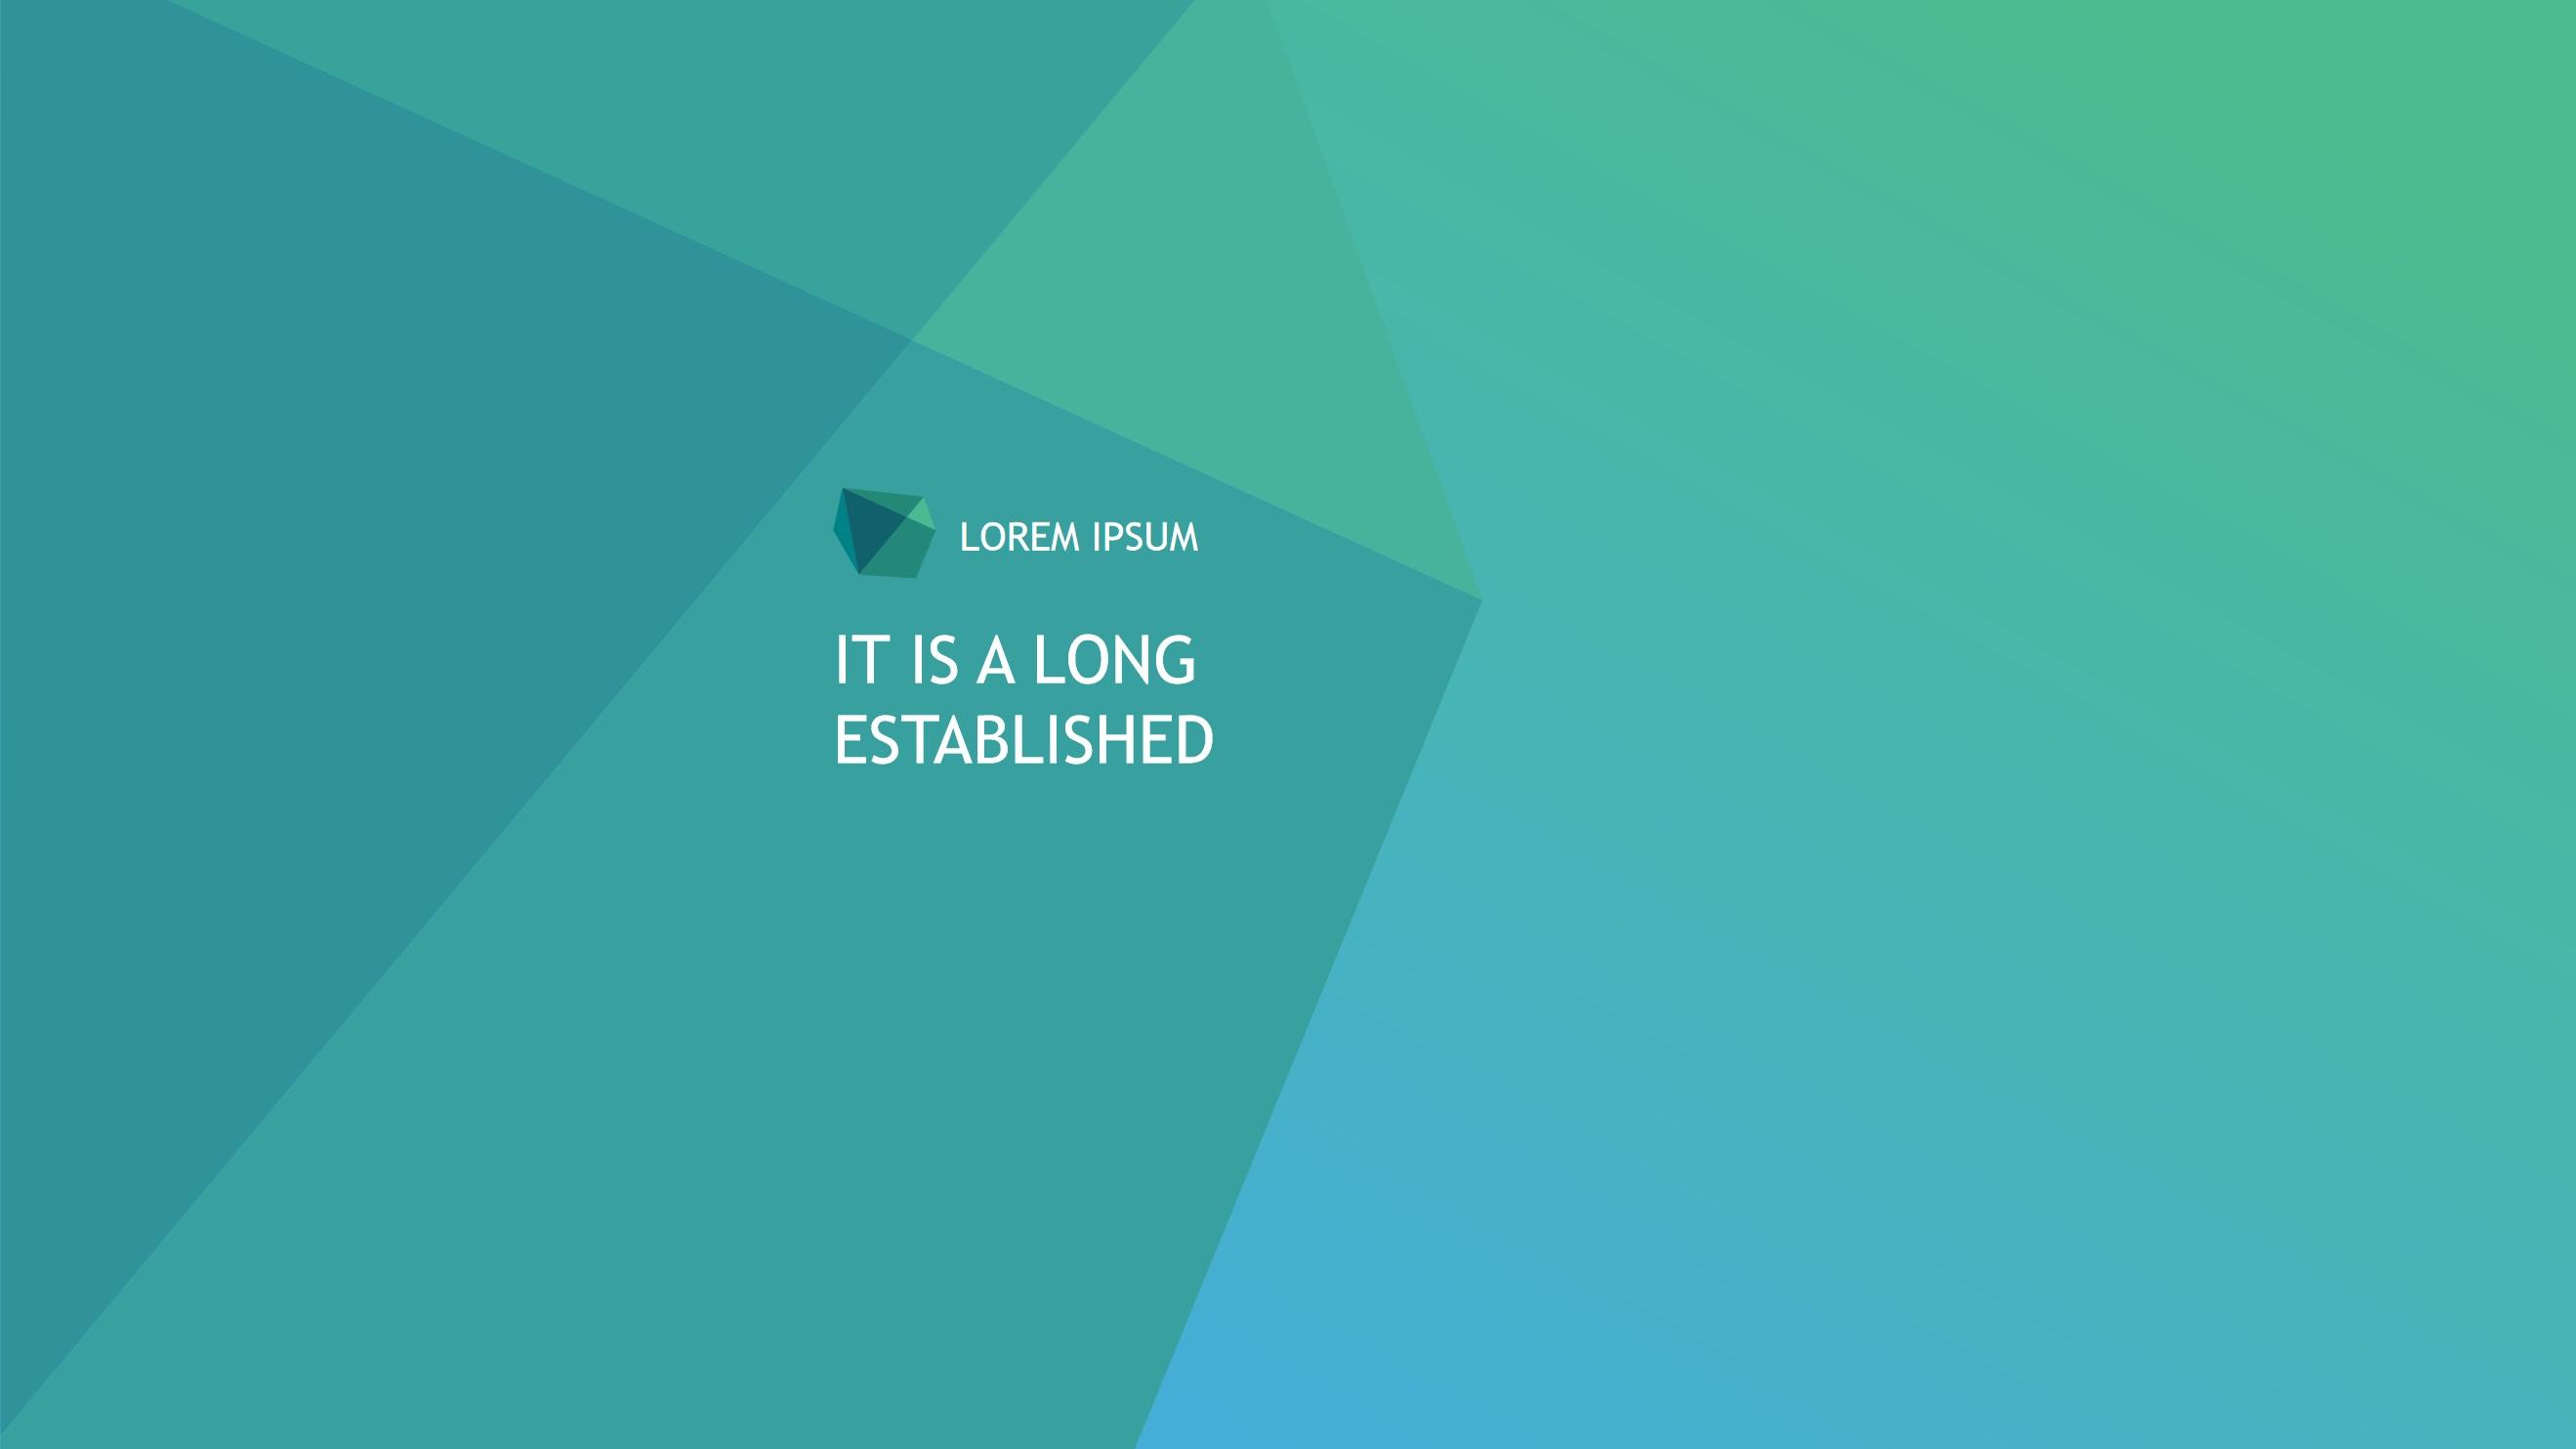 简洁IOS风格国外商务PPT模板